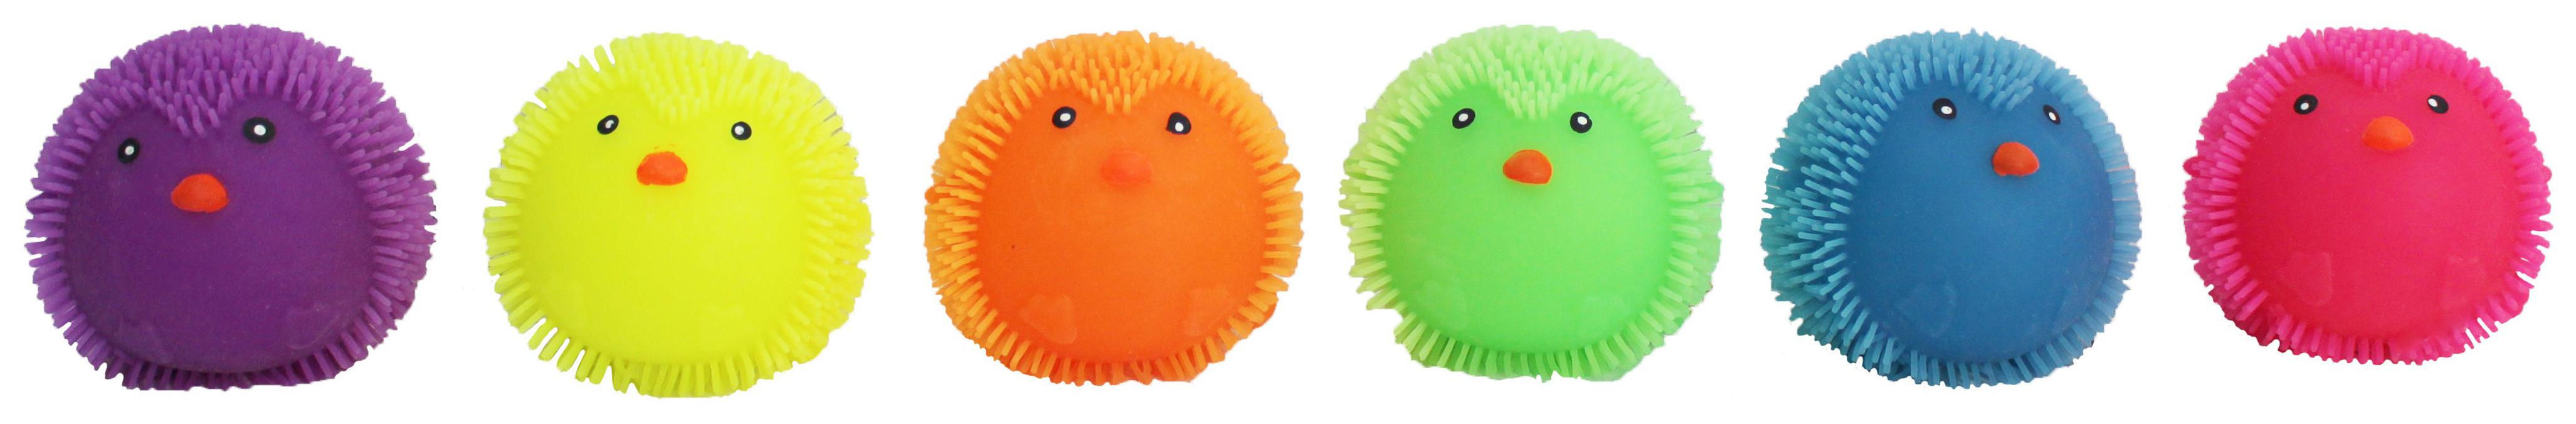 Купить Игрушка антистресс 1TOY Ё-Ёжик Пингвин 8 cм со светом, 1 TOY, Мягкие игрушки антистресс